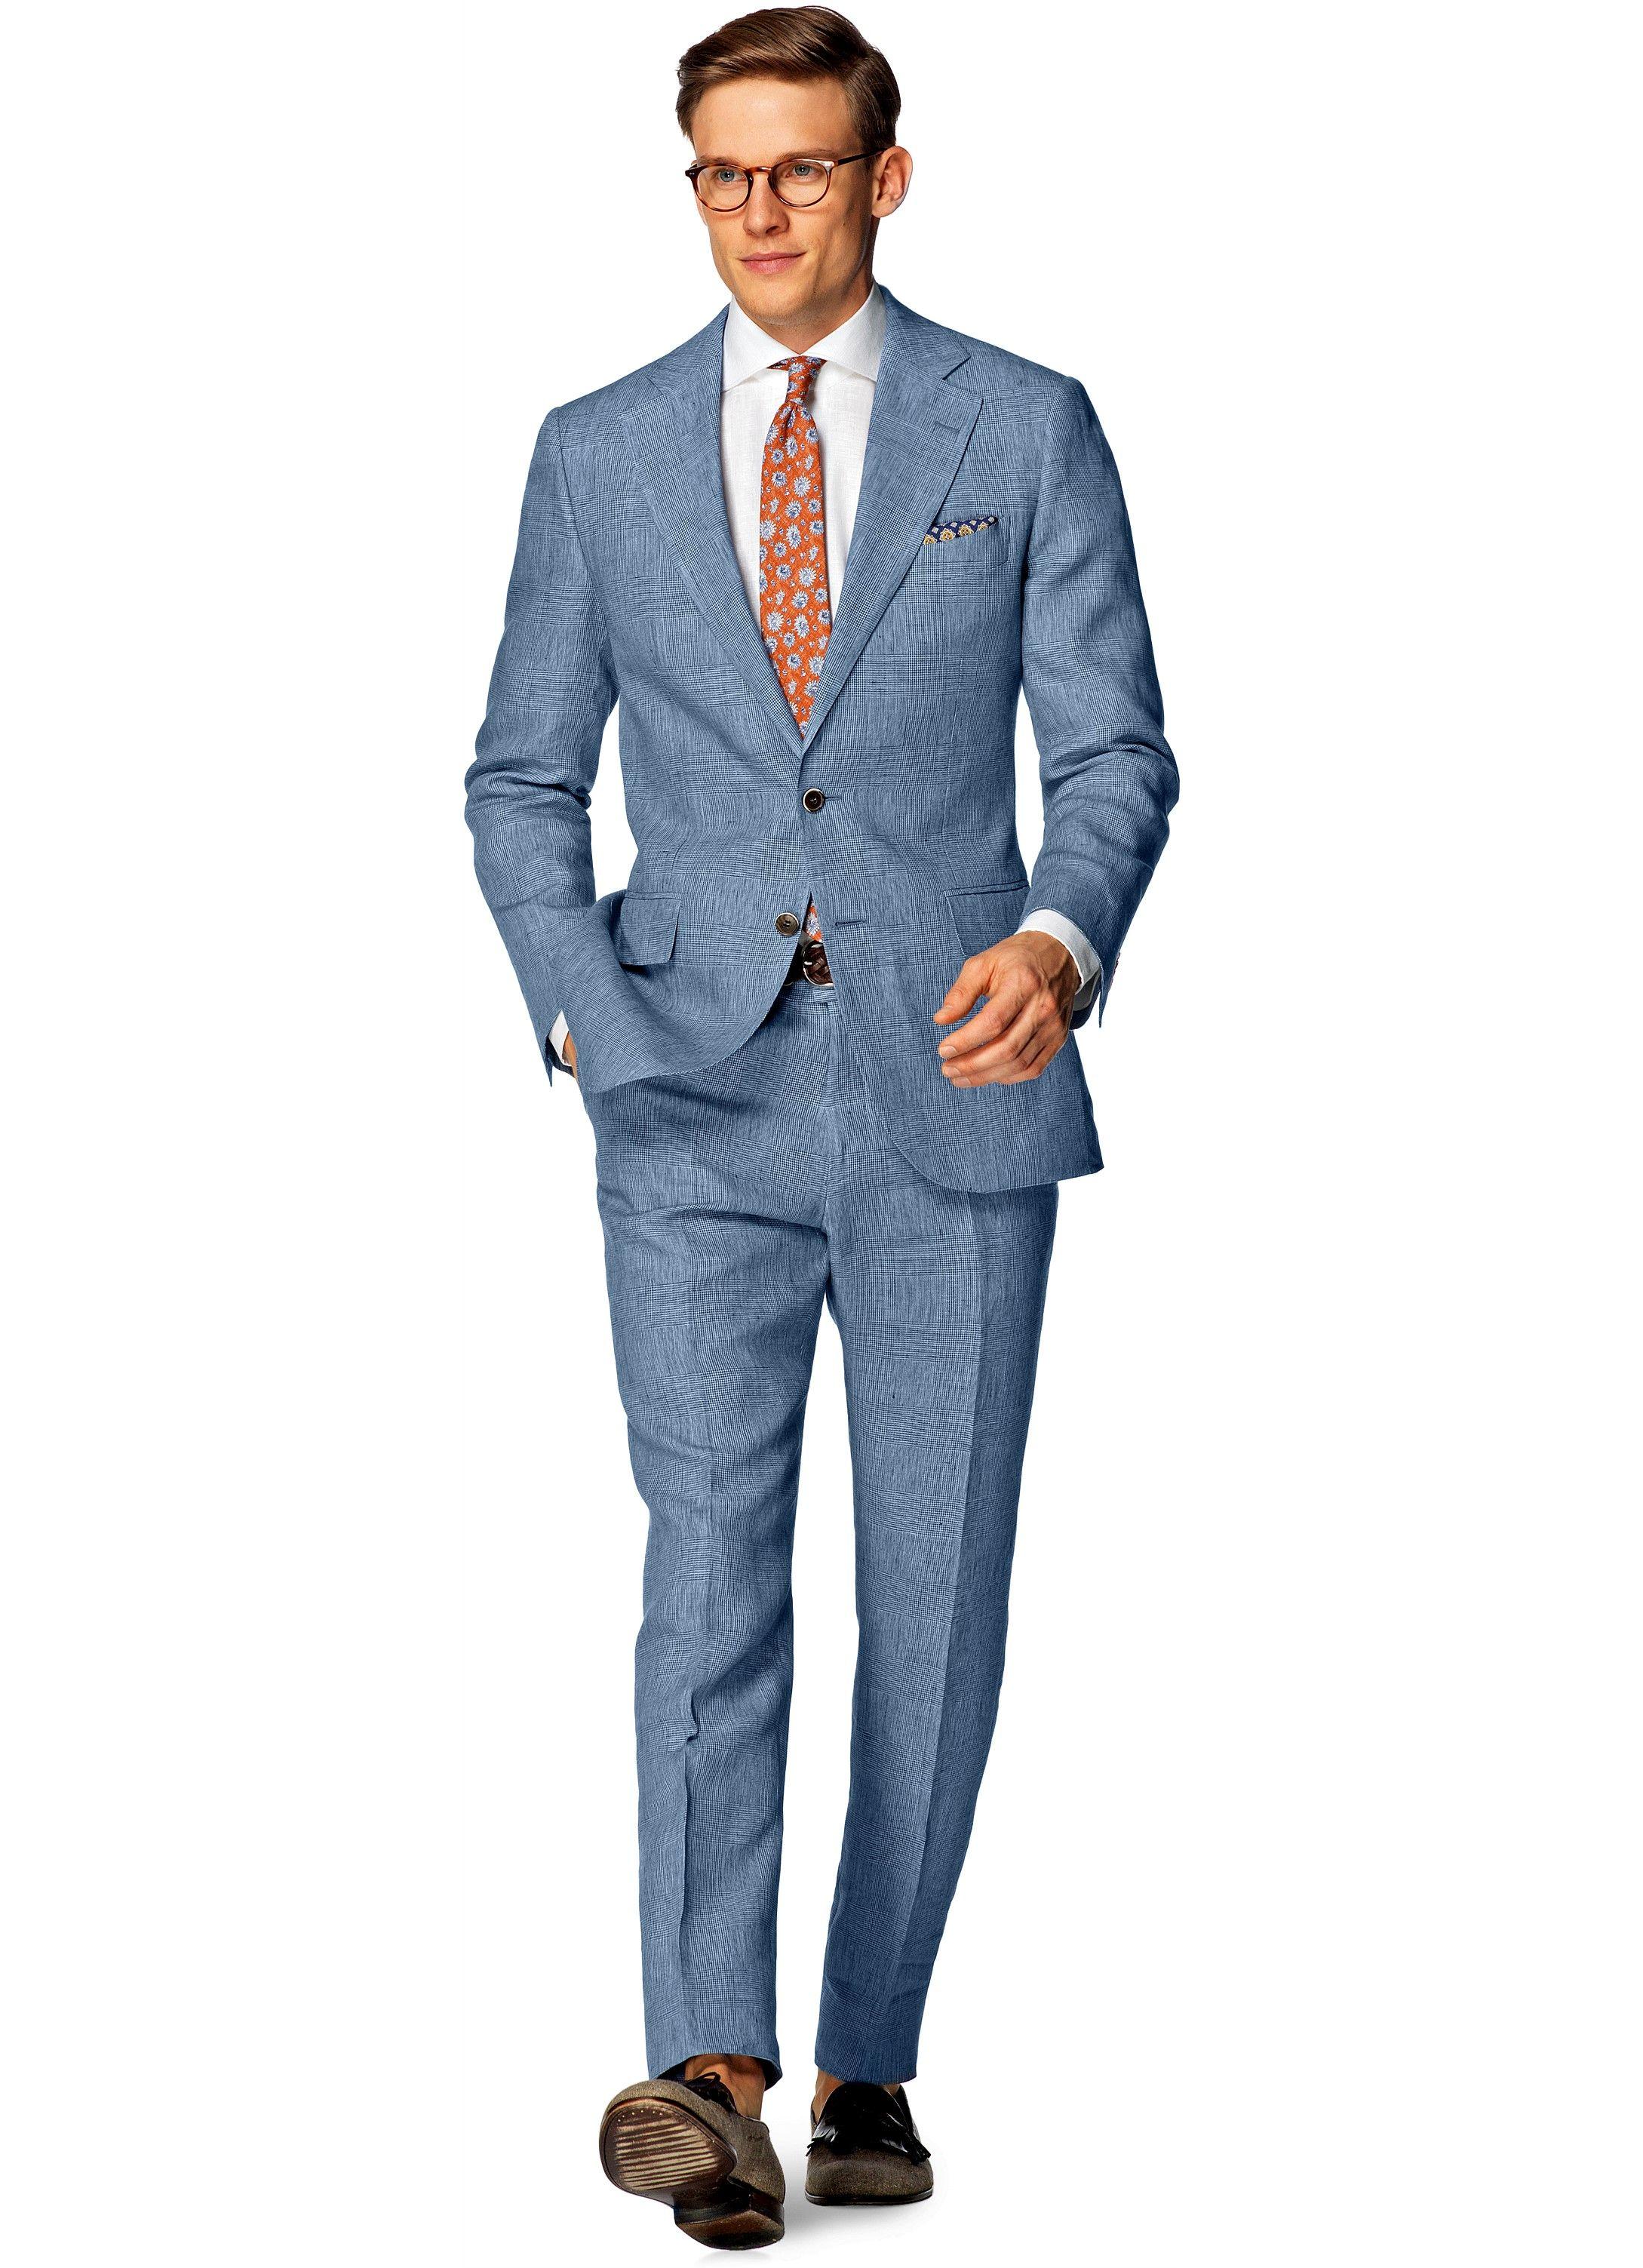 3226075d6977 Suit Light Blue Check Lazio P4235i | Suitsupply Online Store ...